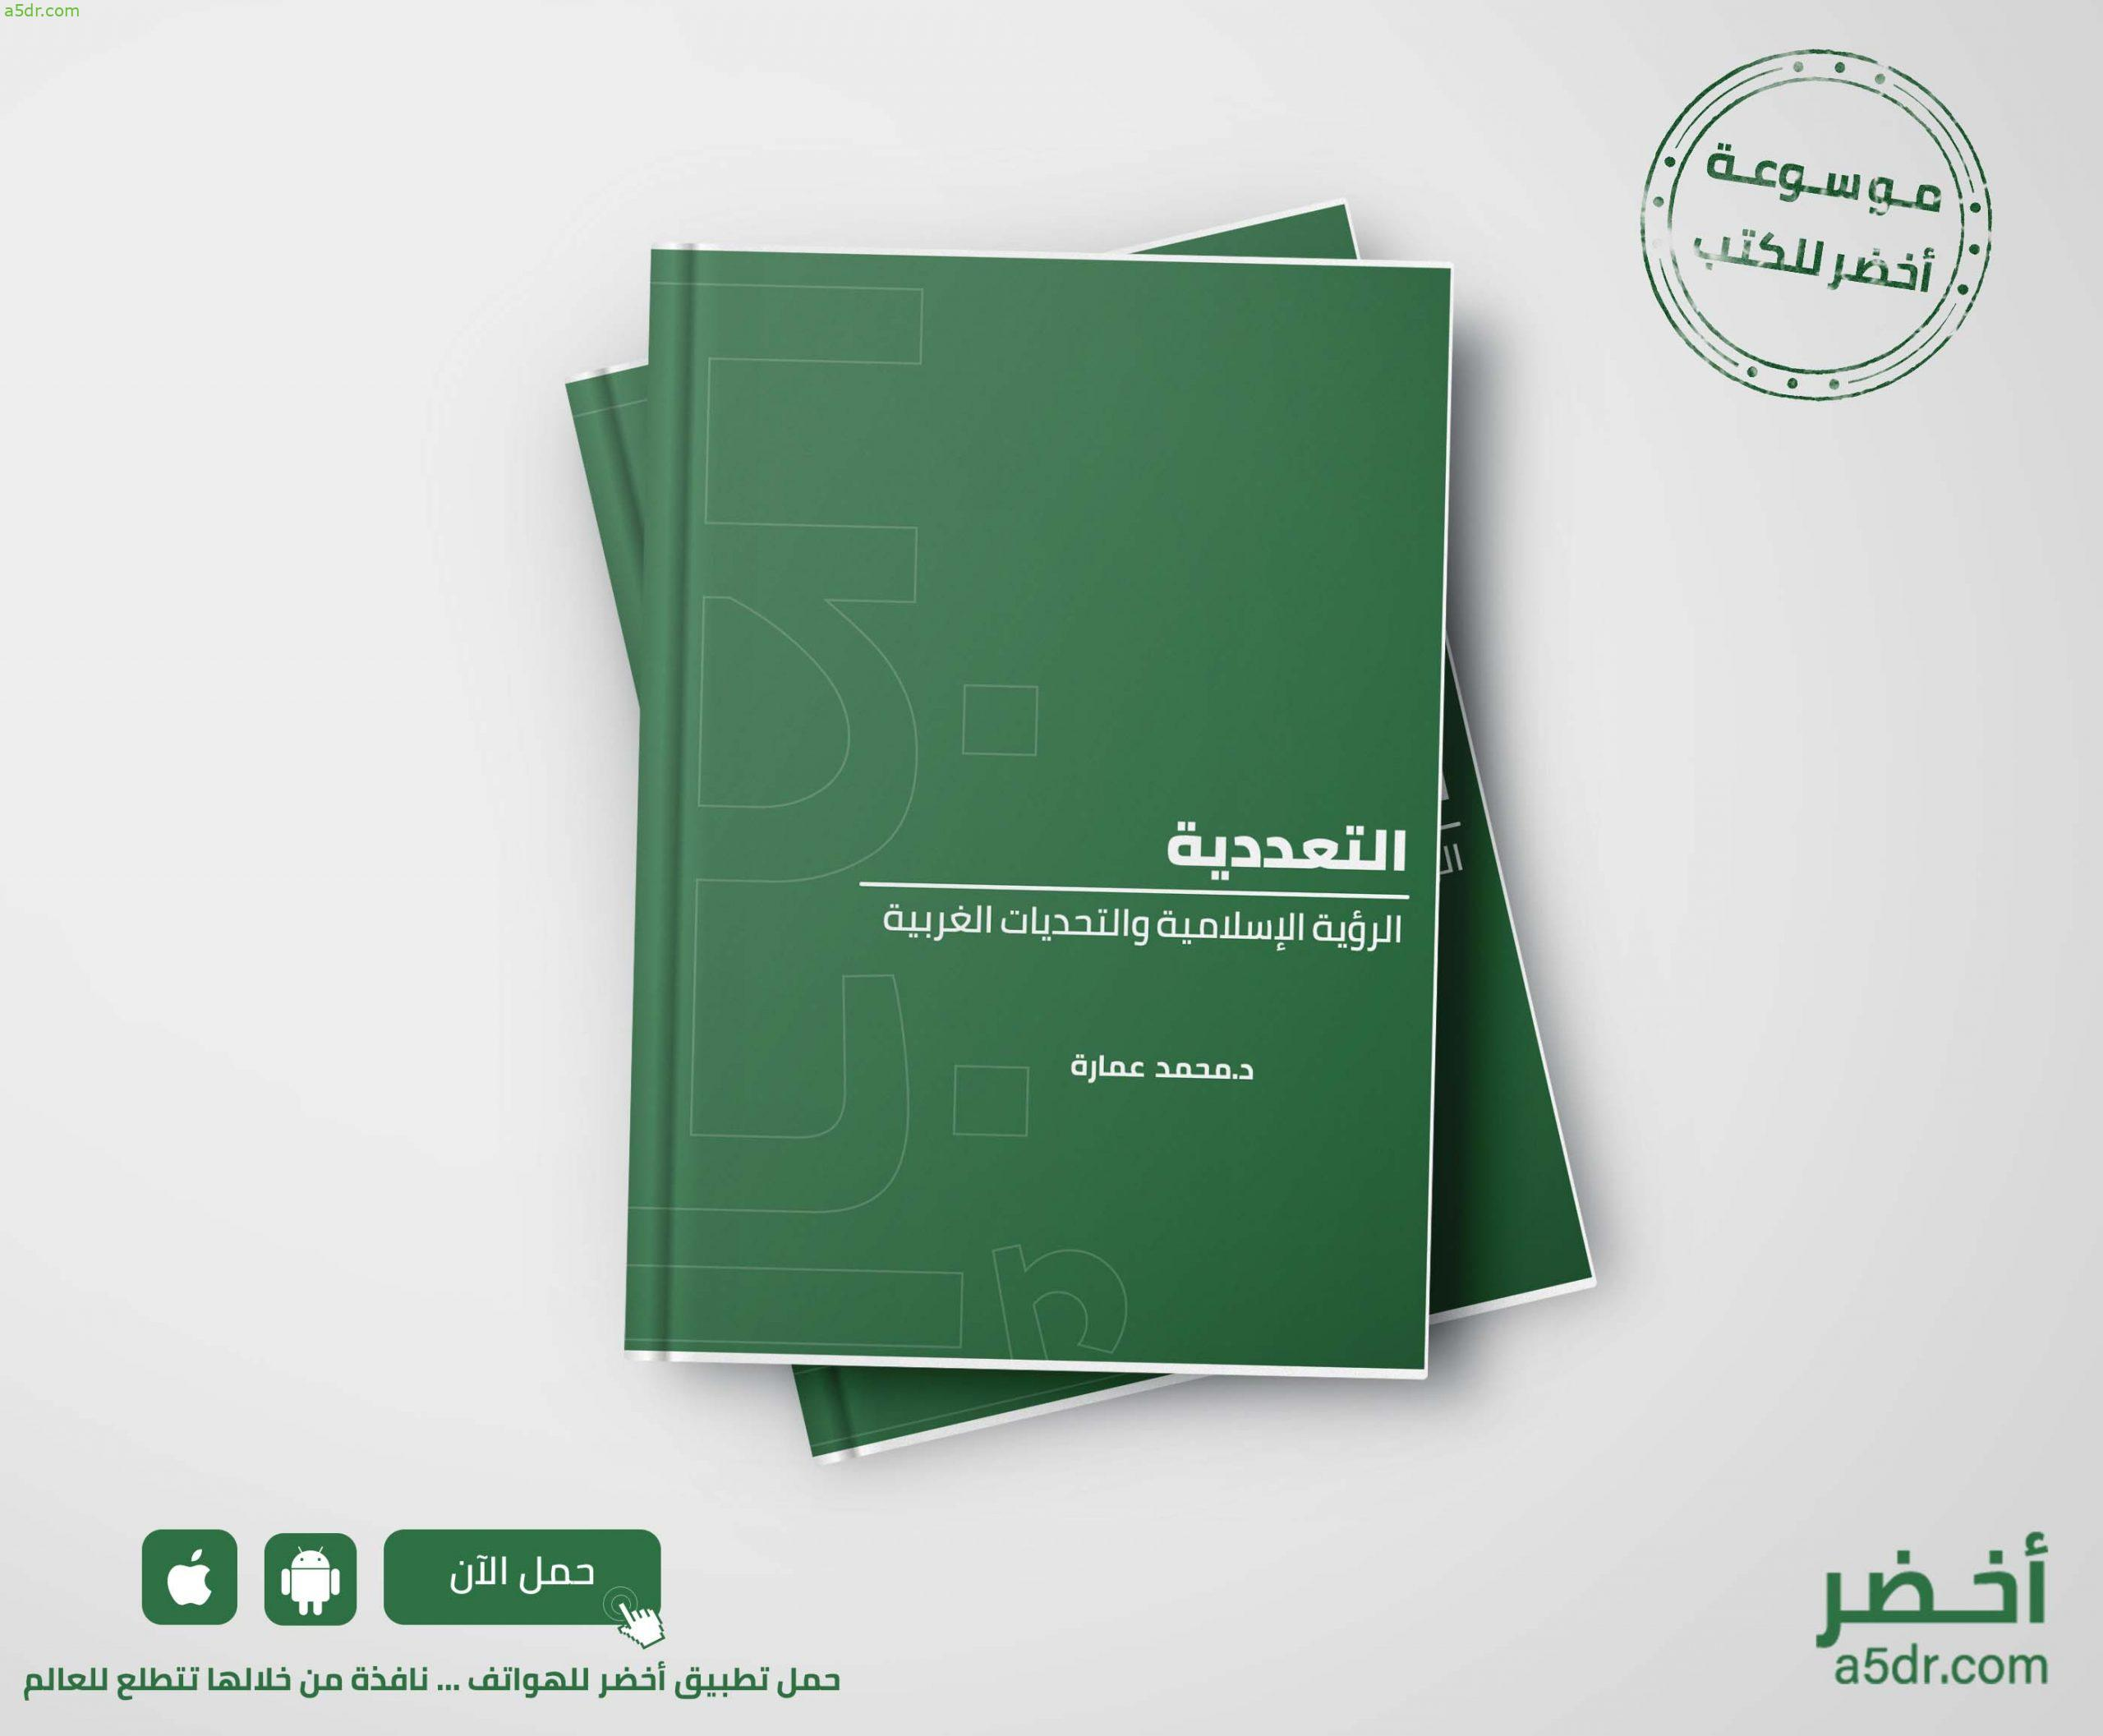 كتاب التعددية: الرؤية الإسلامية والتحديات الغربية - محمد عمارة